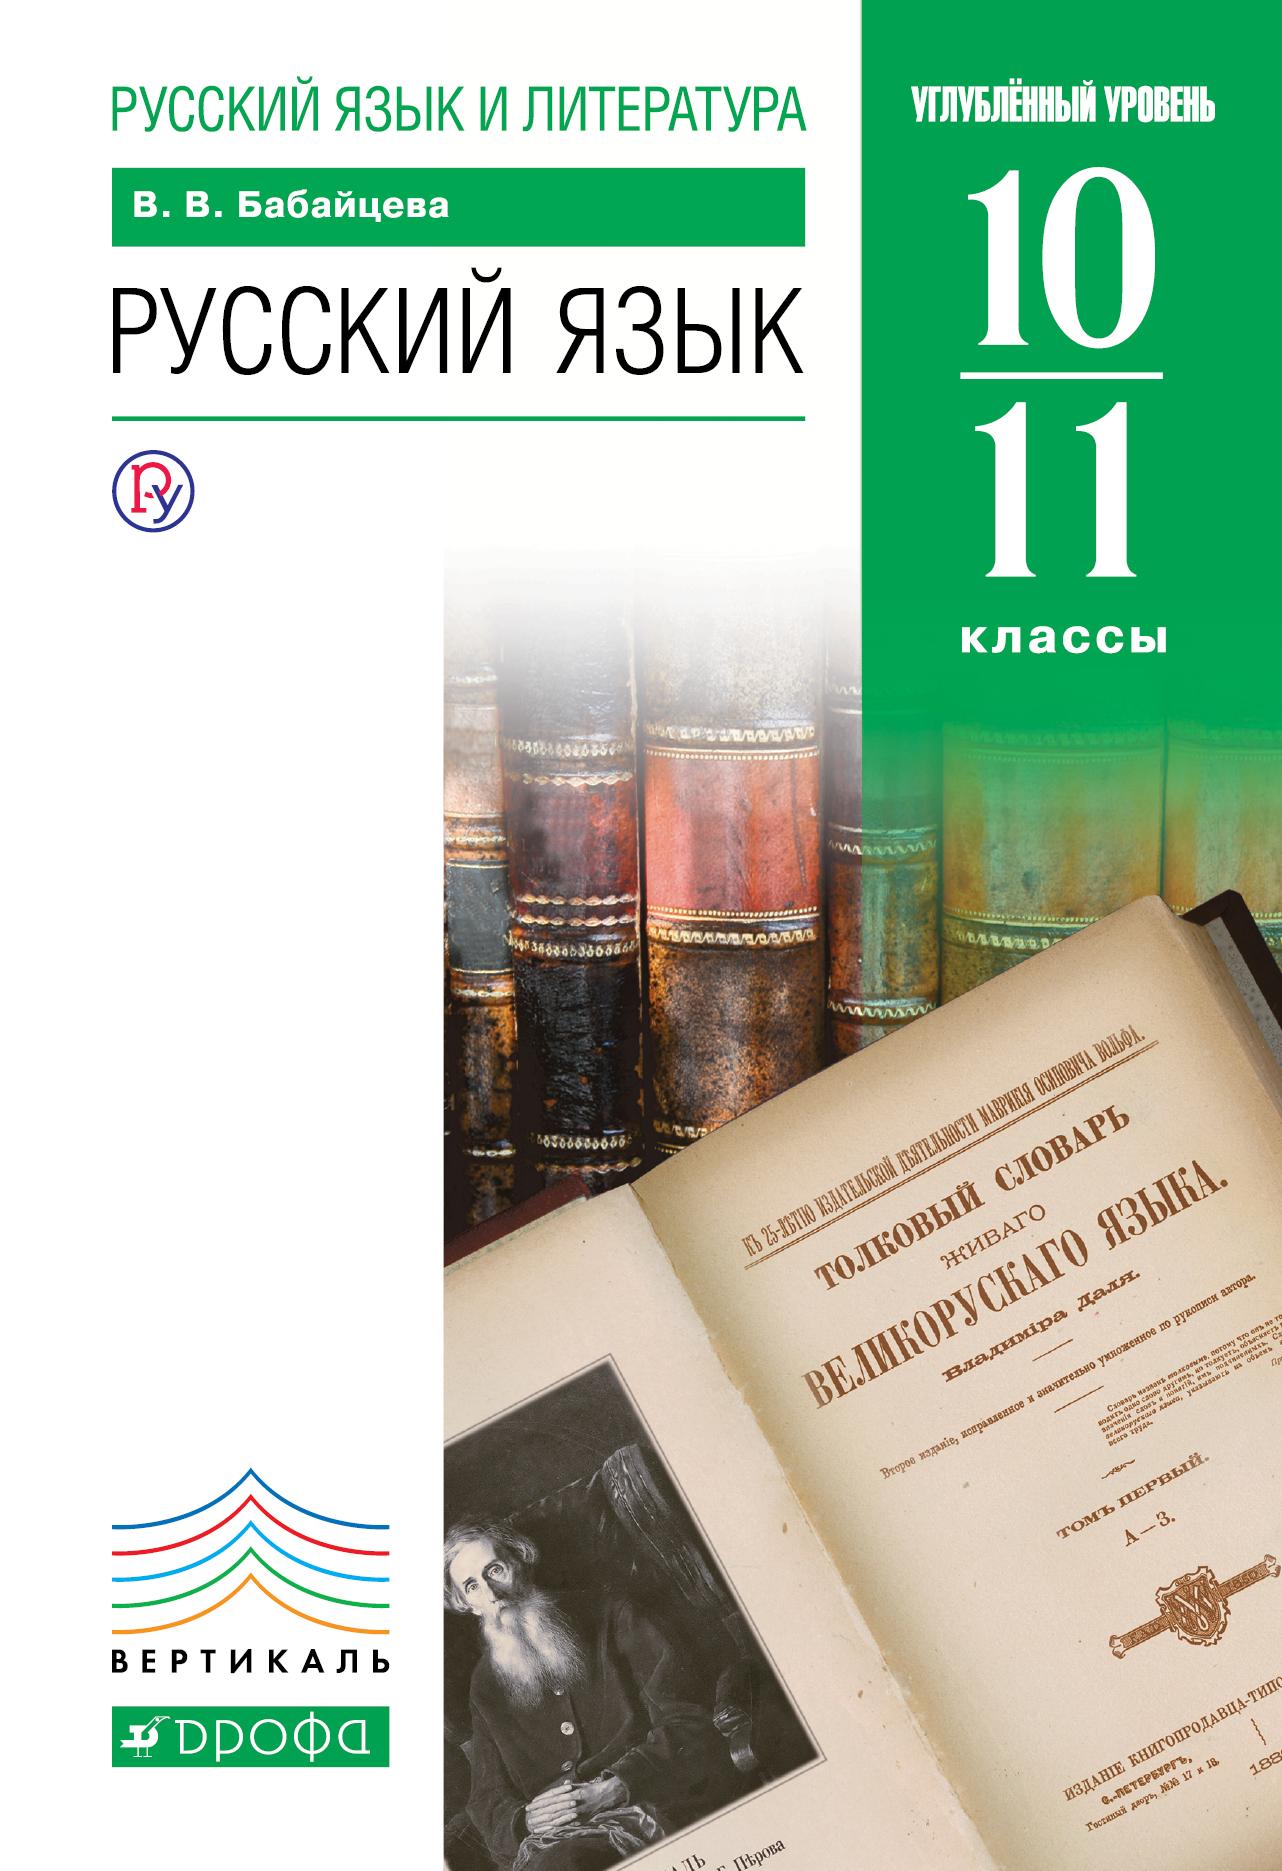 Гдз по русскому языку 10 11 класс бабайцева упр